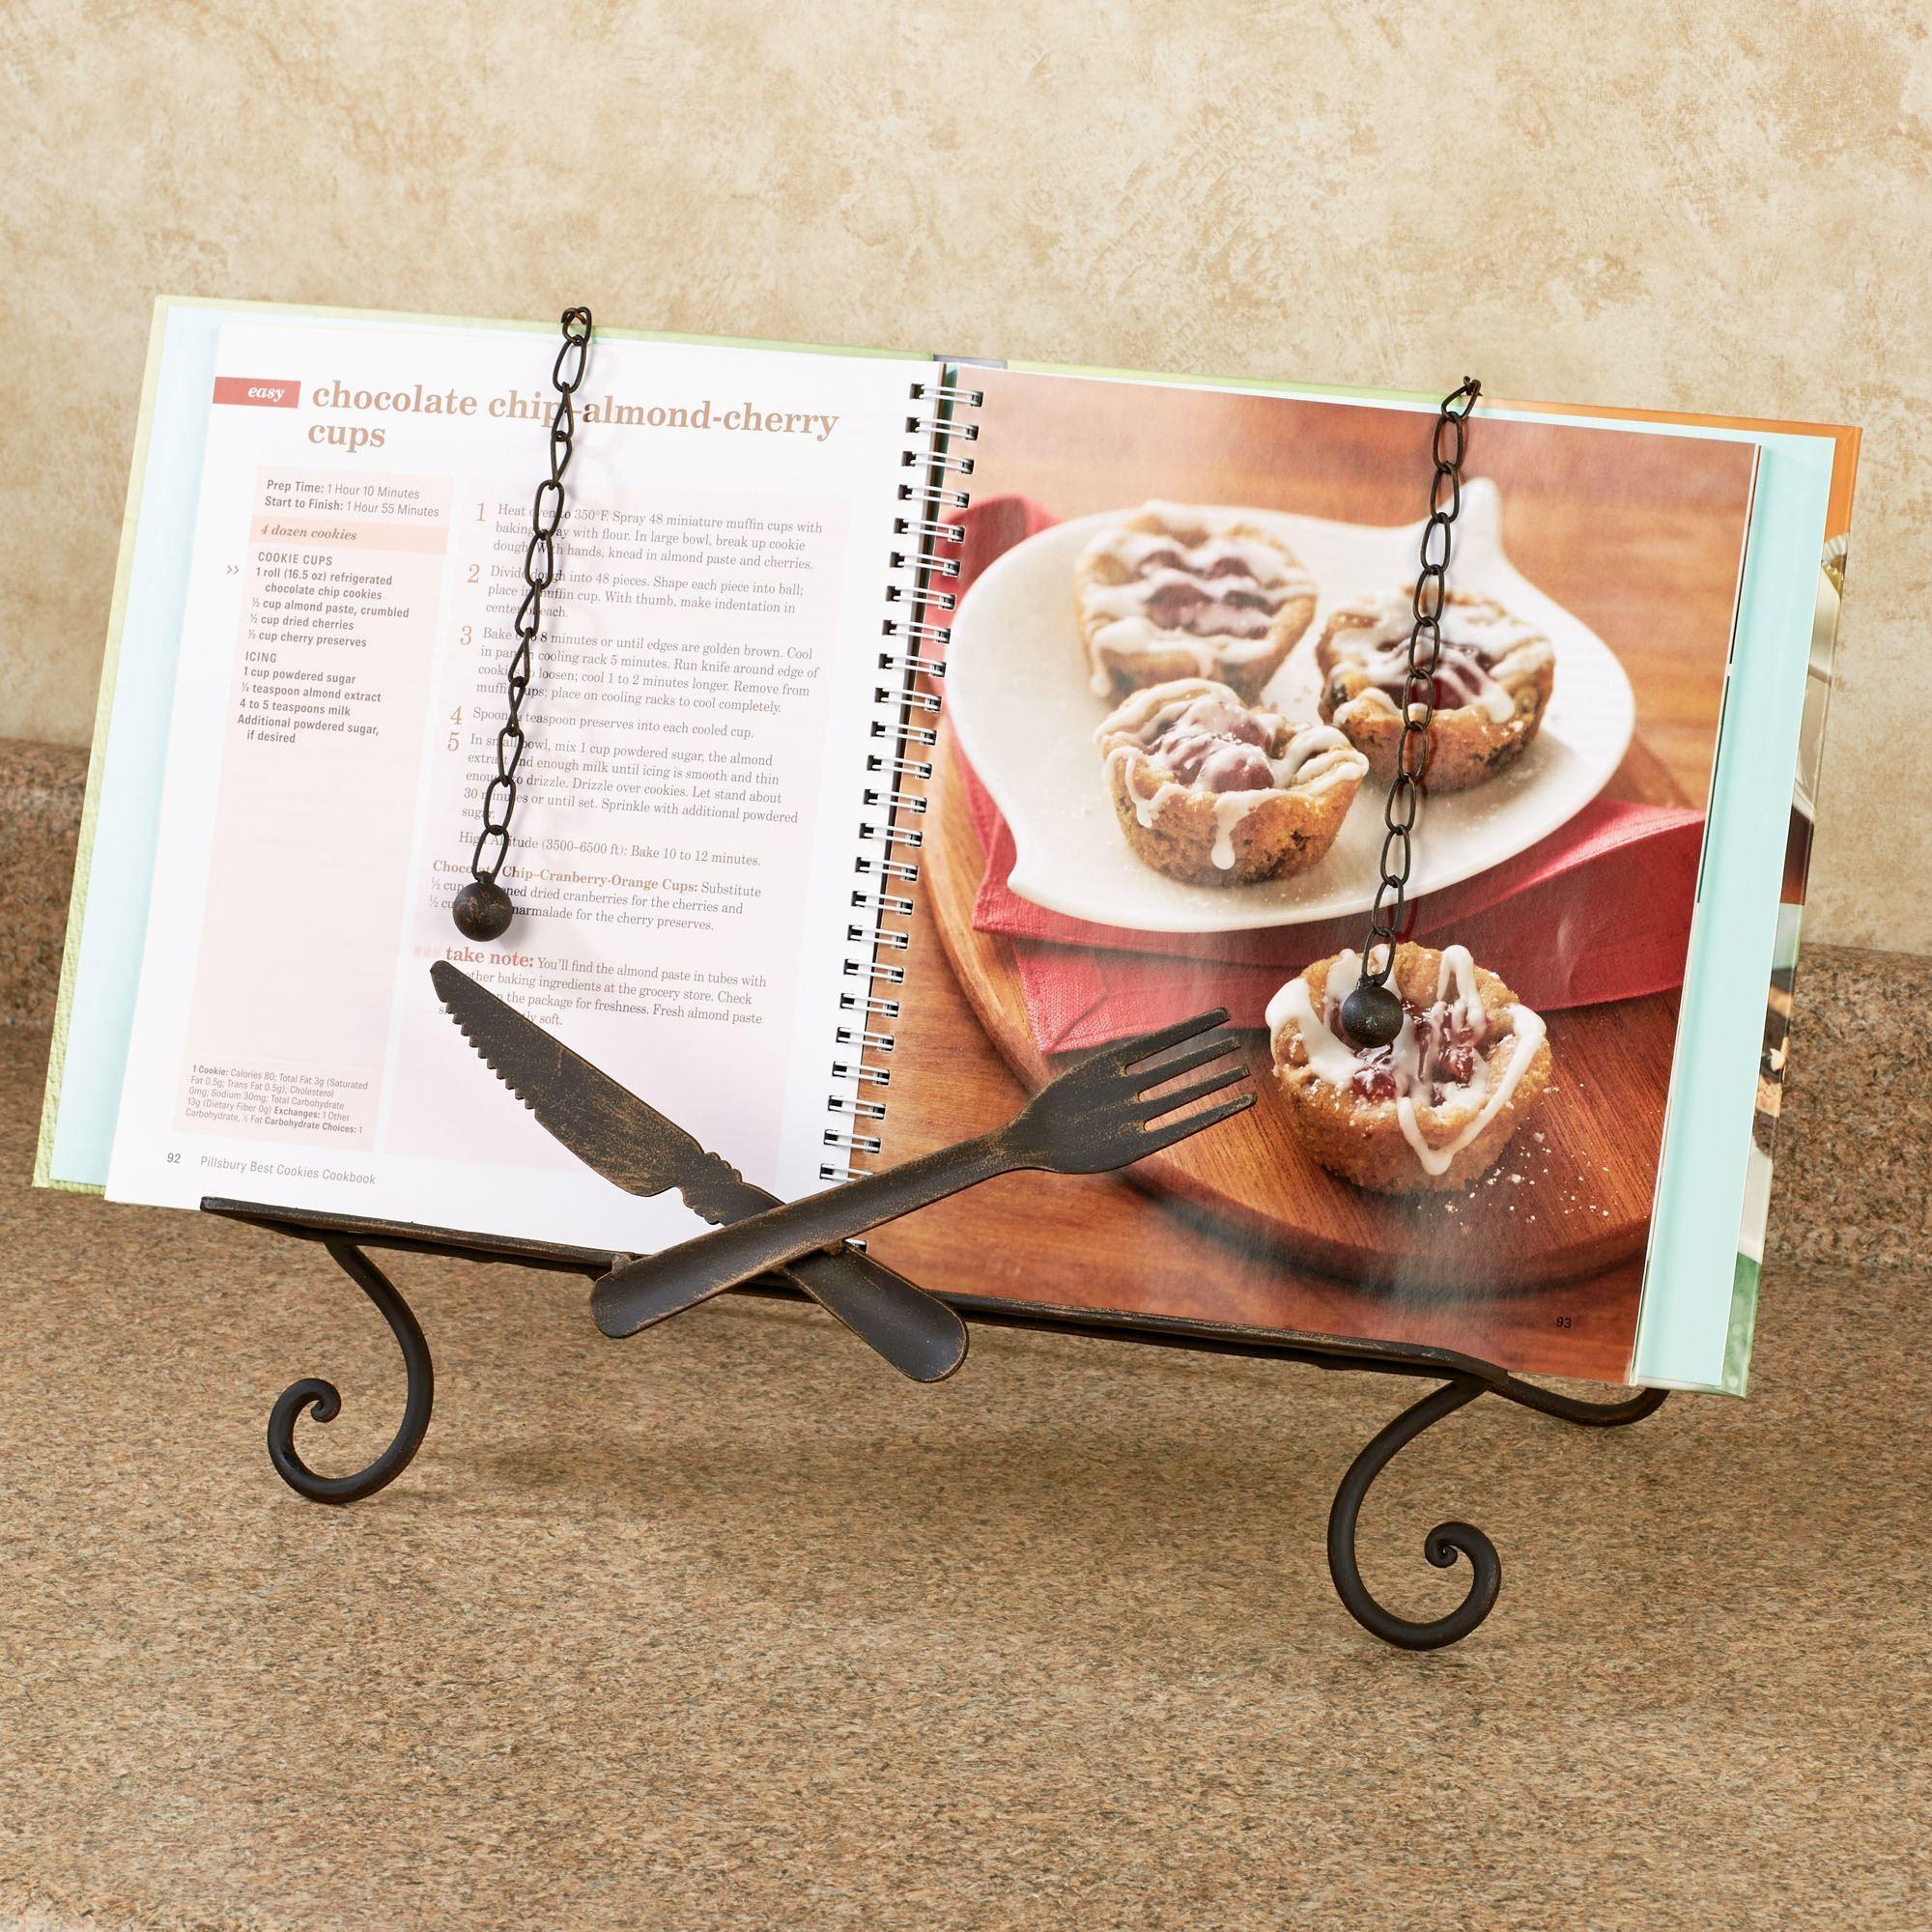 bon appetit fork and knife kitchen cookbook stand. Black Bedroom Furniture Sets. Home Design Ideas